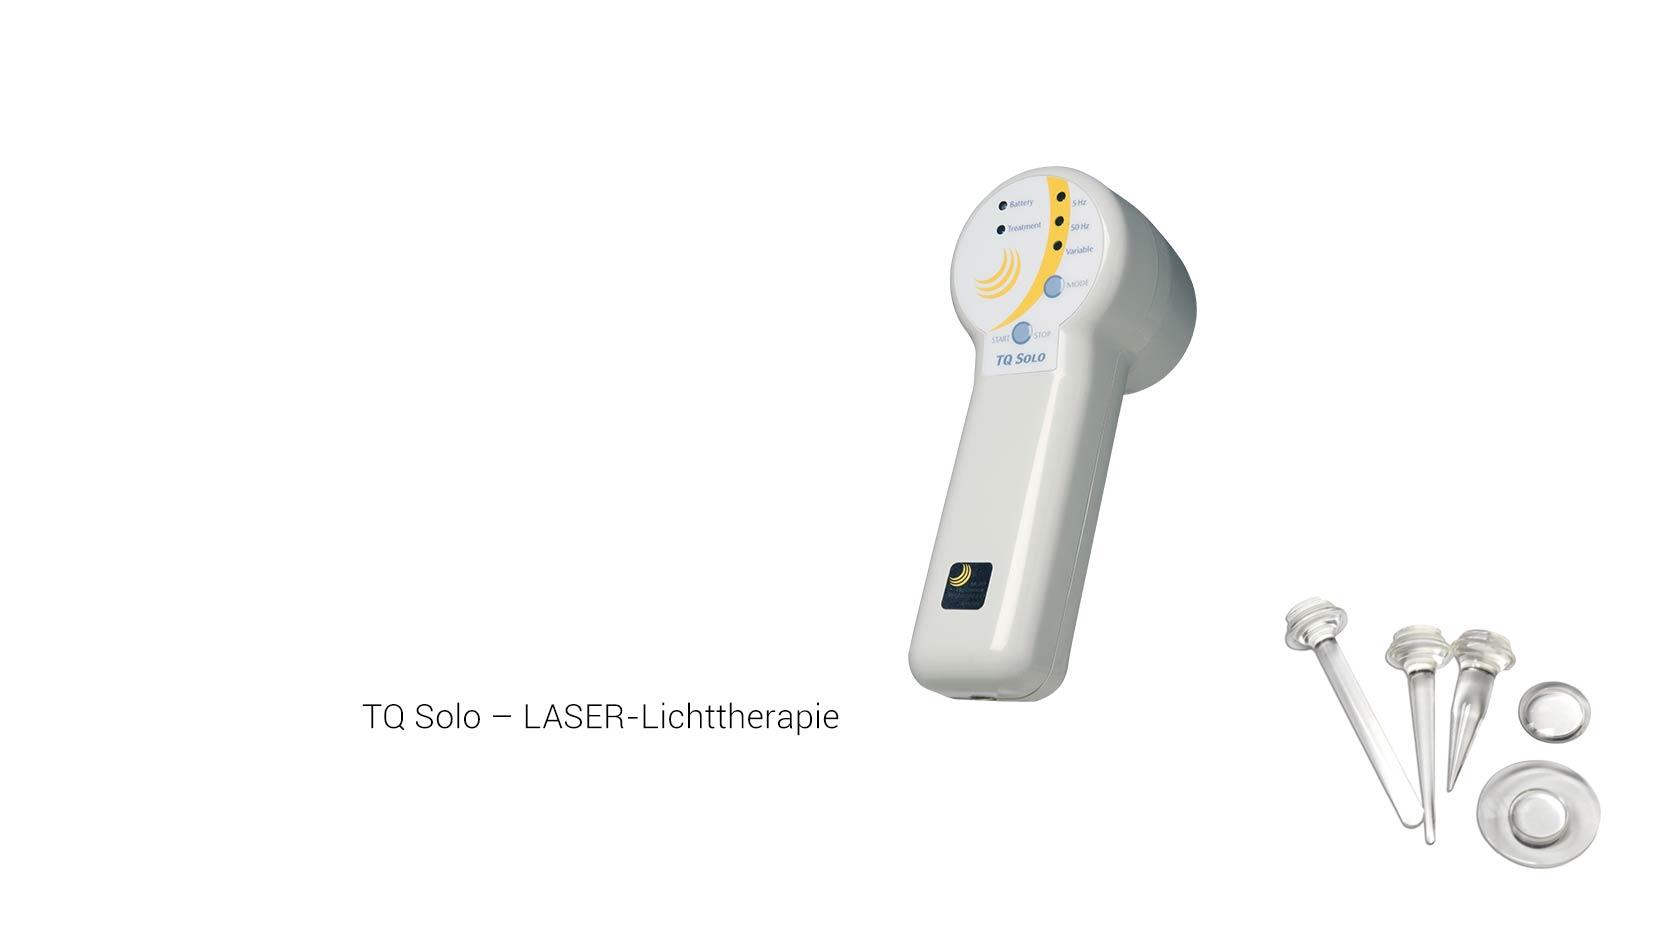 TQ-Solo-LASER-Lichttherapie